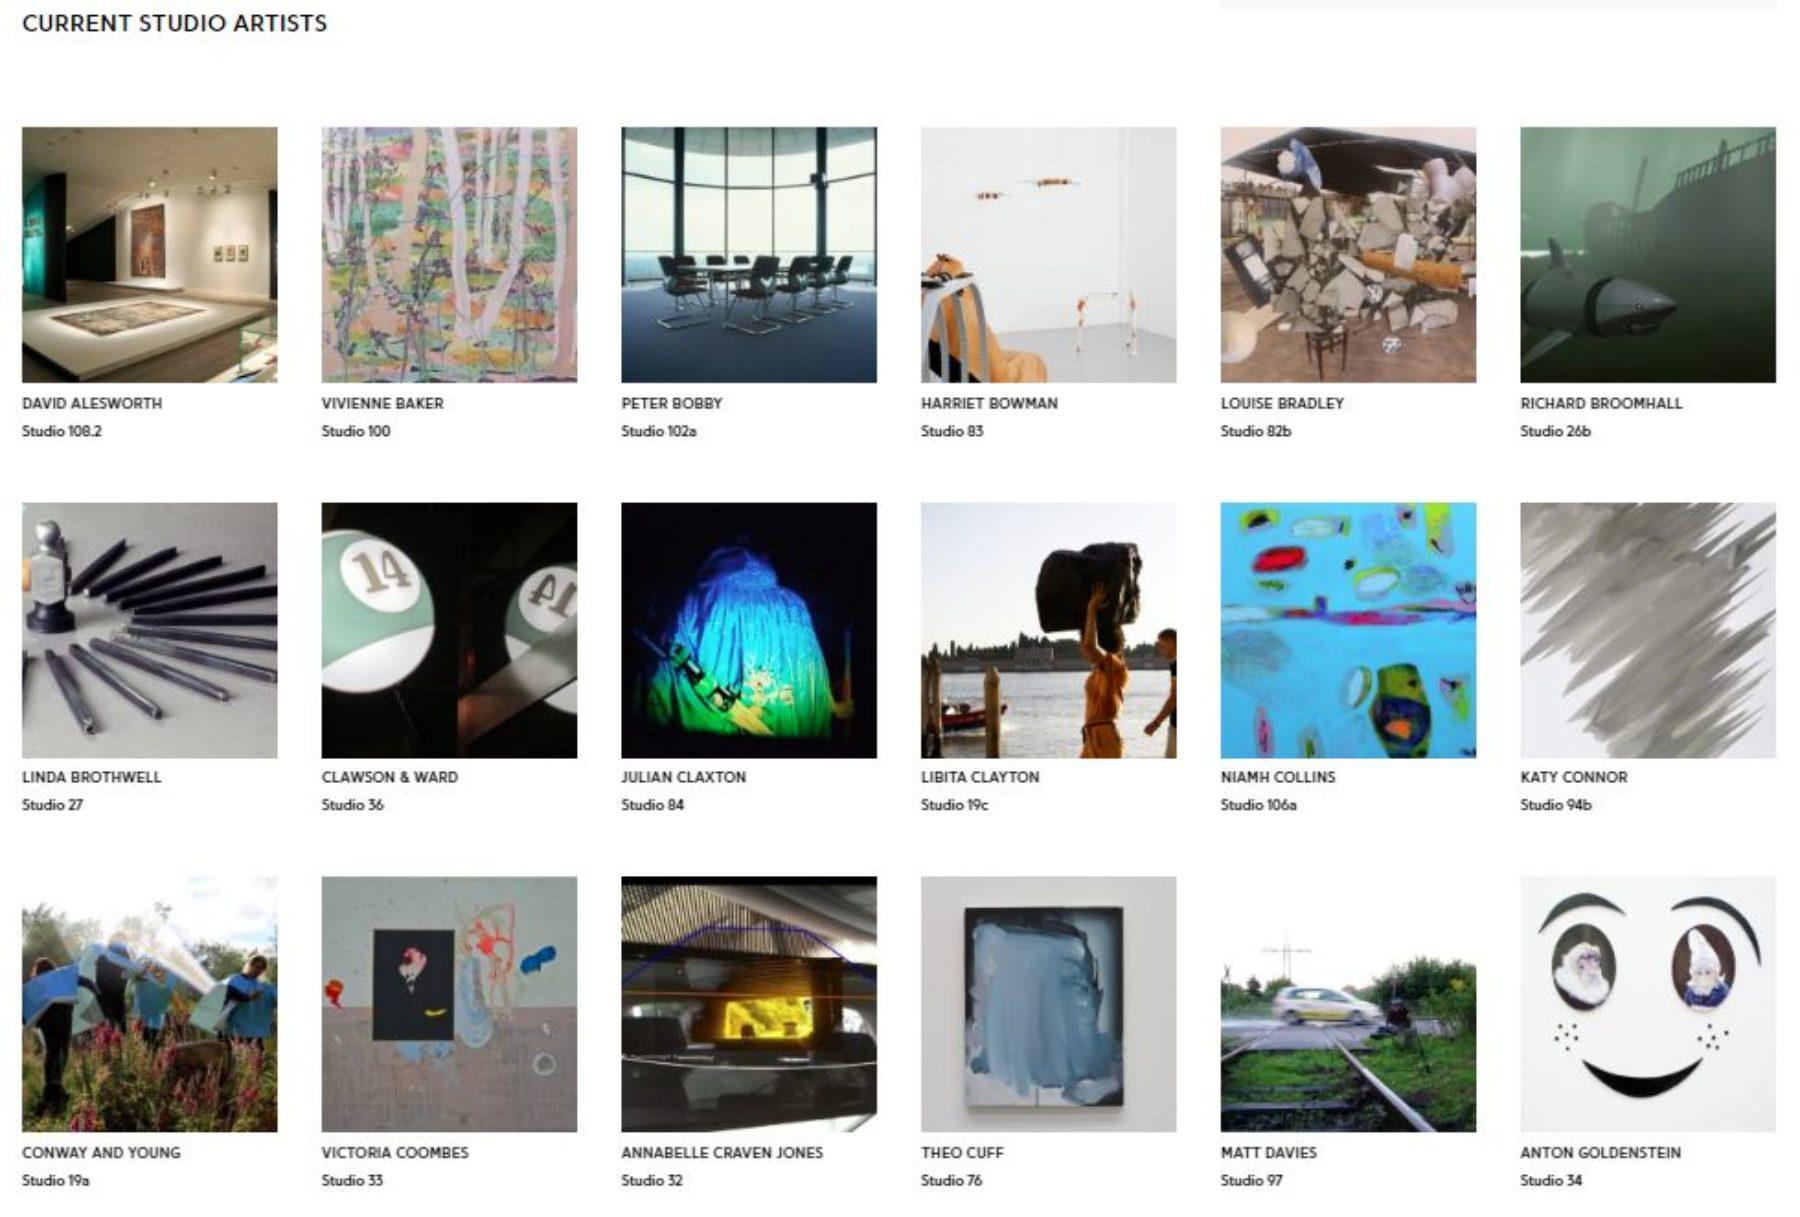 Website development_studio artists